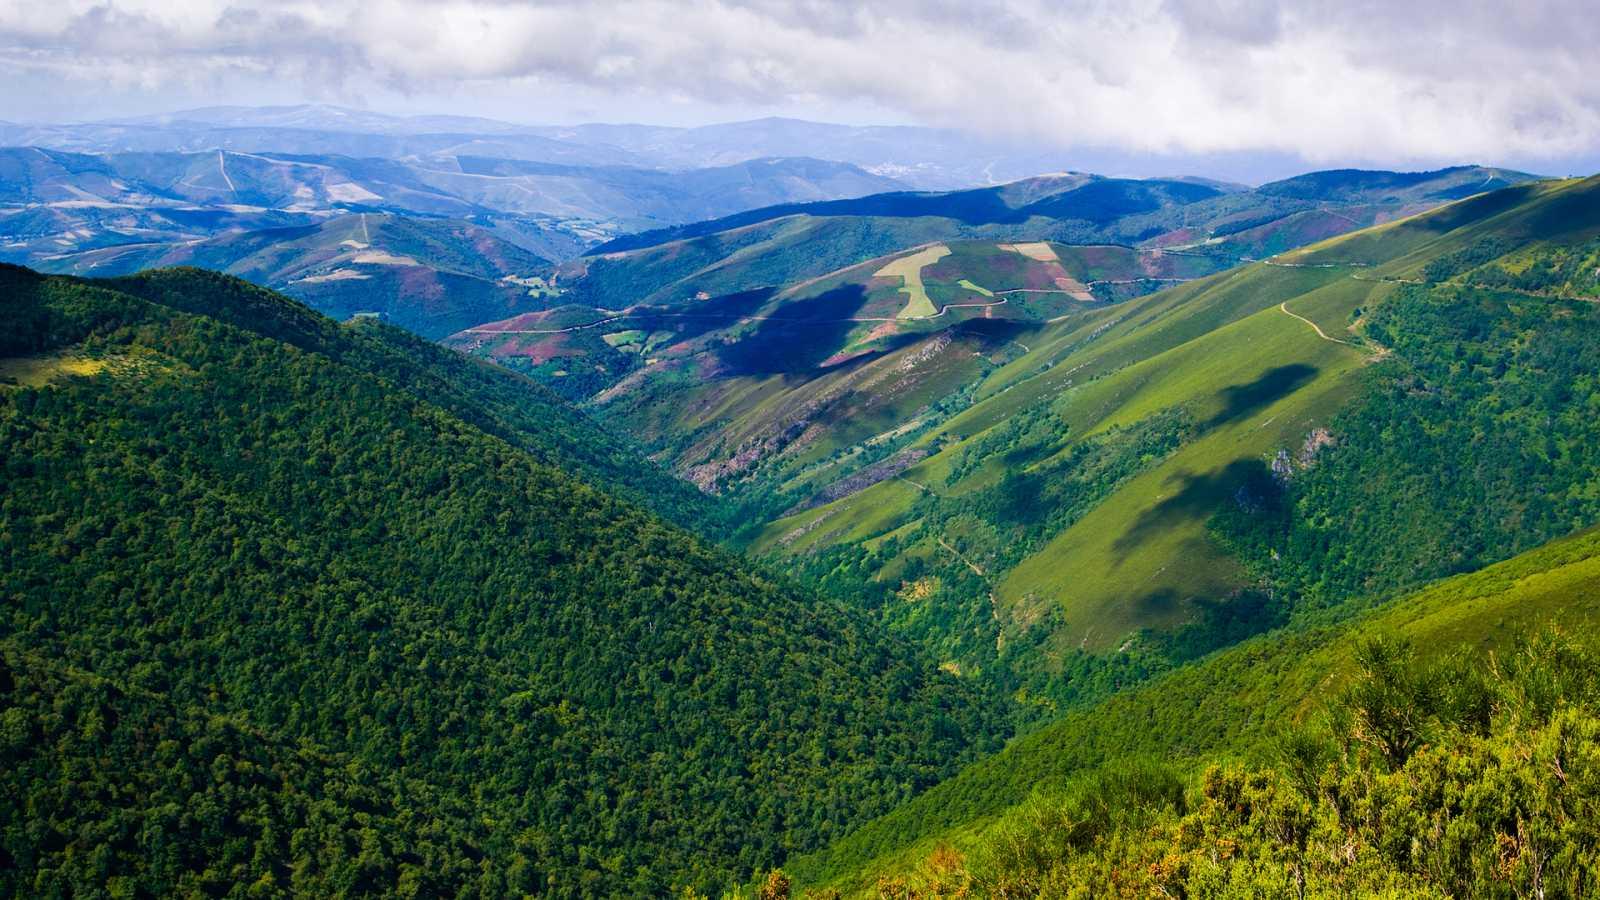 En clave Turismo - Los Ancares: belleza conmovedora - 27/04/21 - escuchar ahora